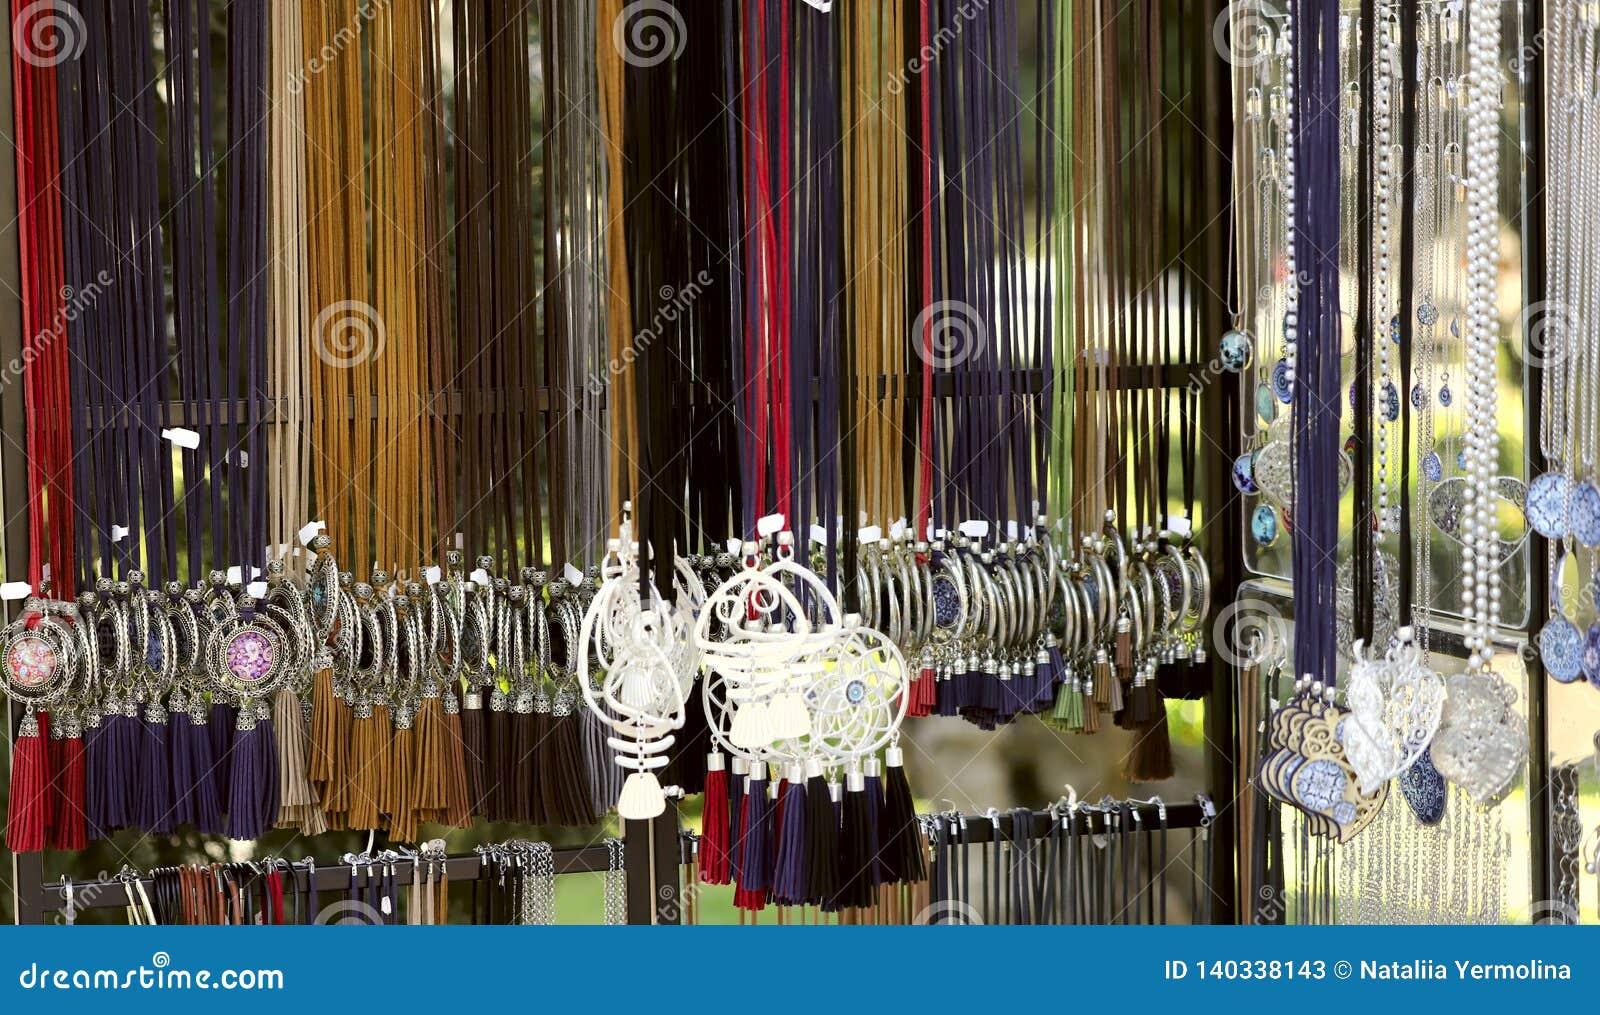 Het beeld van het hangen van de juwelen van vrouwen op gekleurd kant in de opslag Modieuze juwelen op de hals voor vrouwen